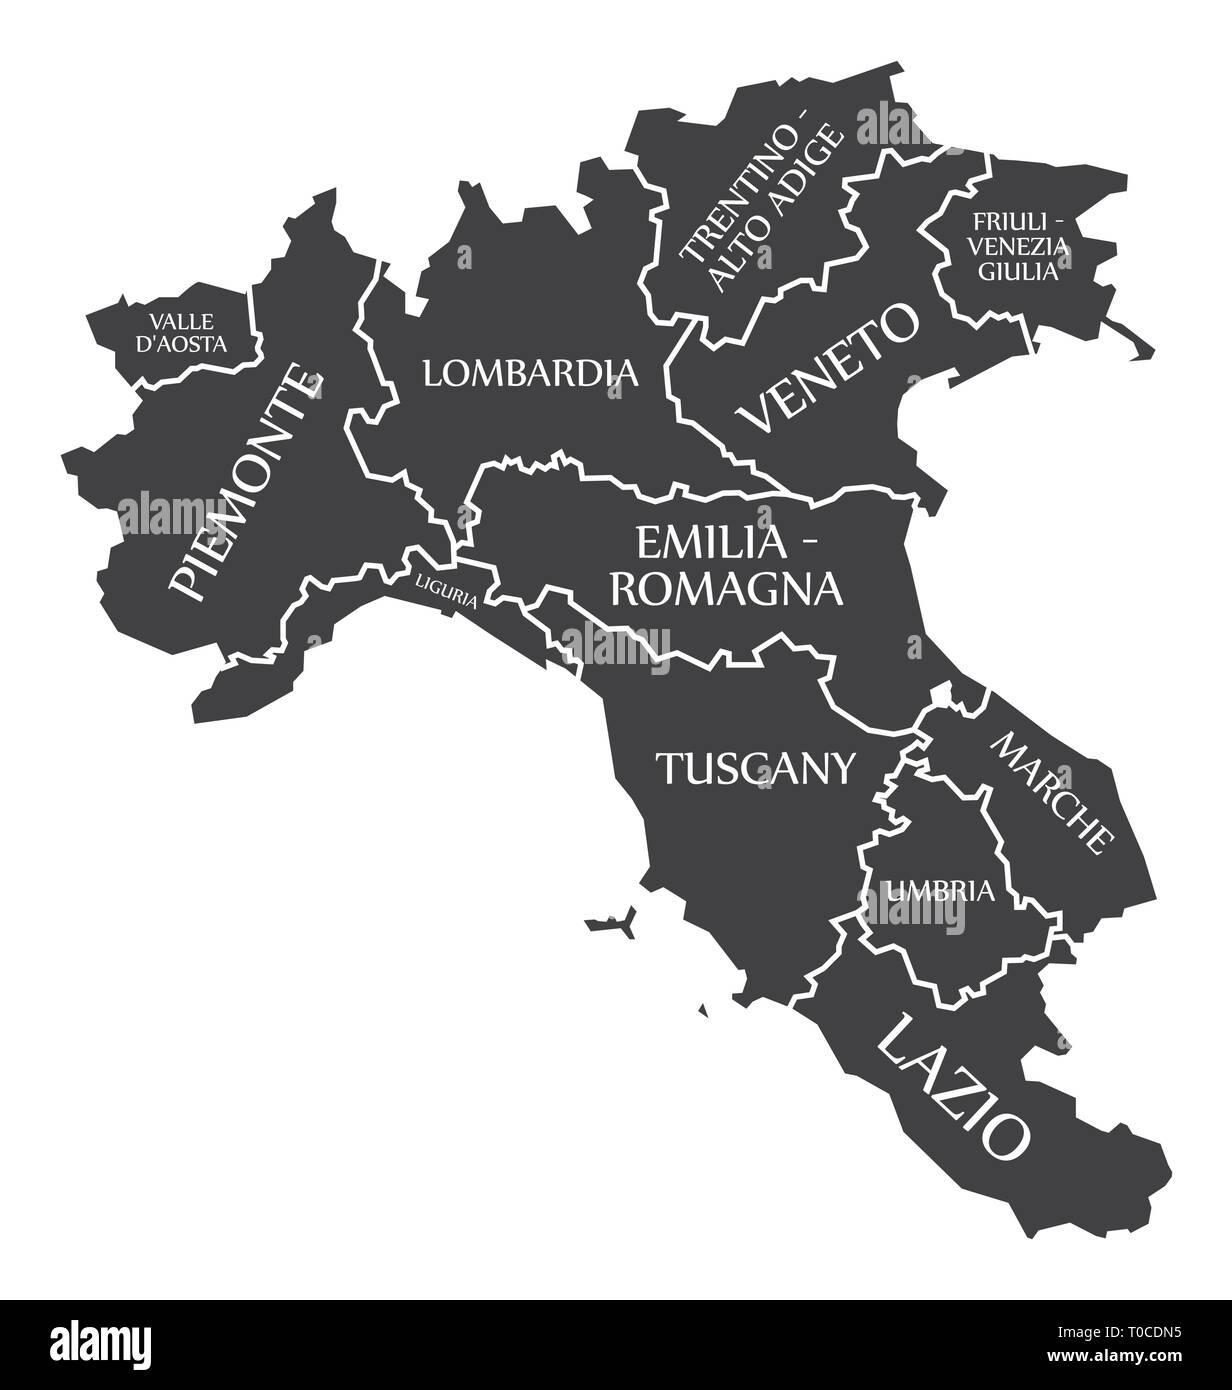 Italien Karte Regionen.In Den Nördlichen Regionen Von Italien Karte Vektor Abbildung Bild